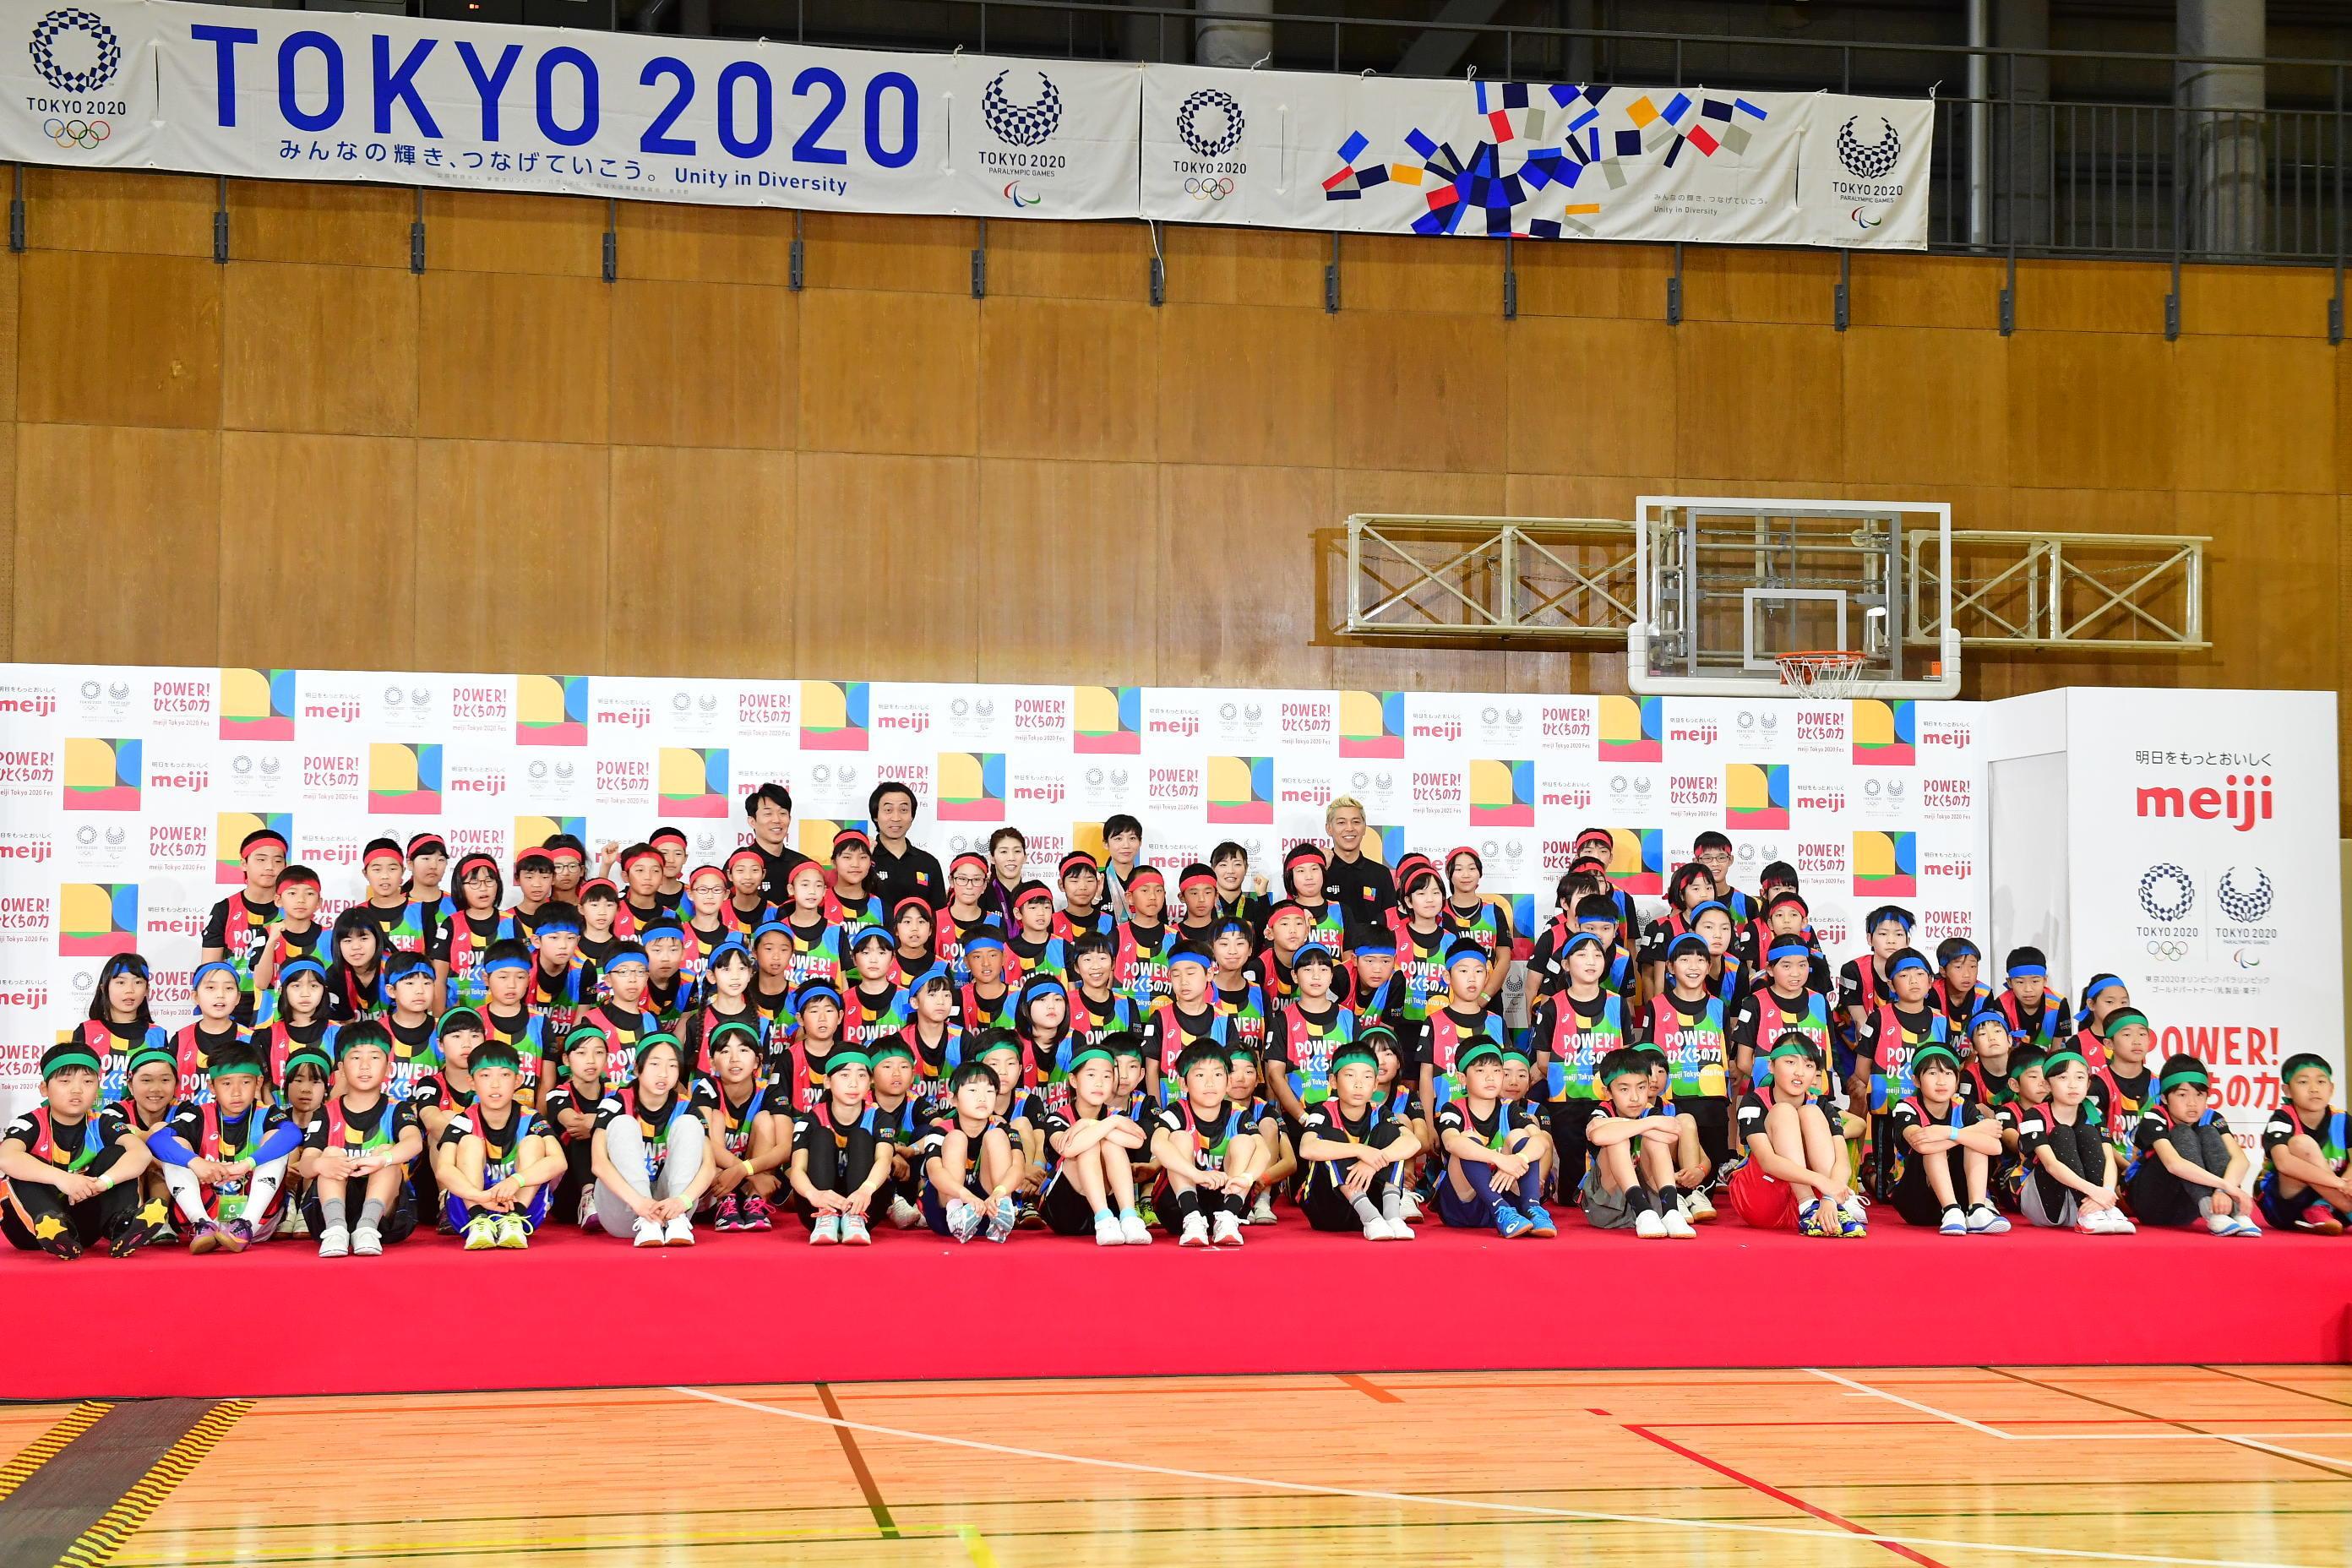 http://news.yoshimoto.co.jp/20180331010301-e755ea957853cf28feb763f29b86383f6618a69c.jpg